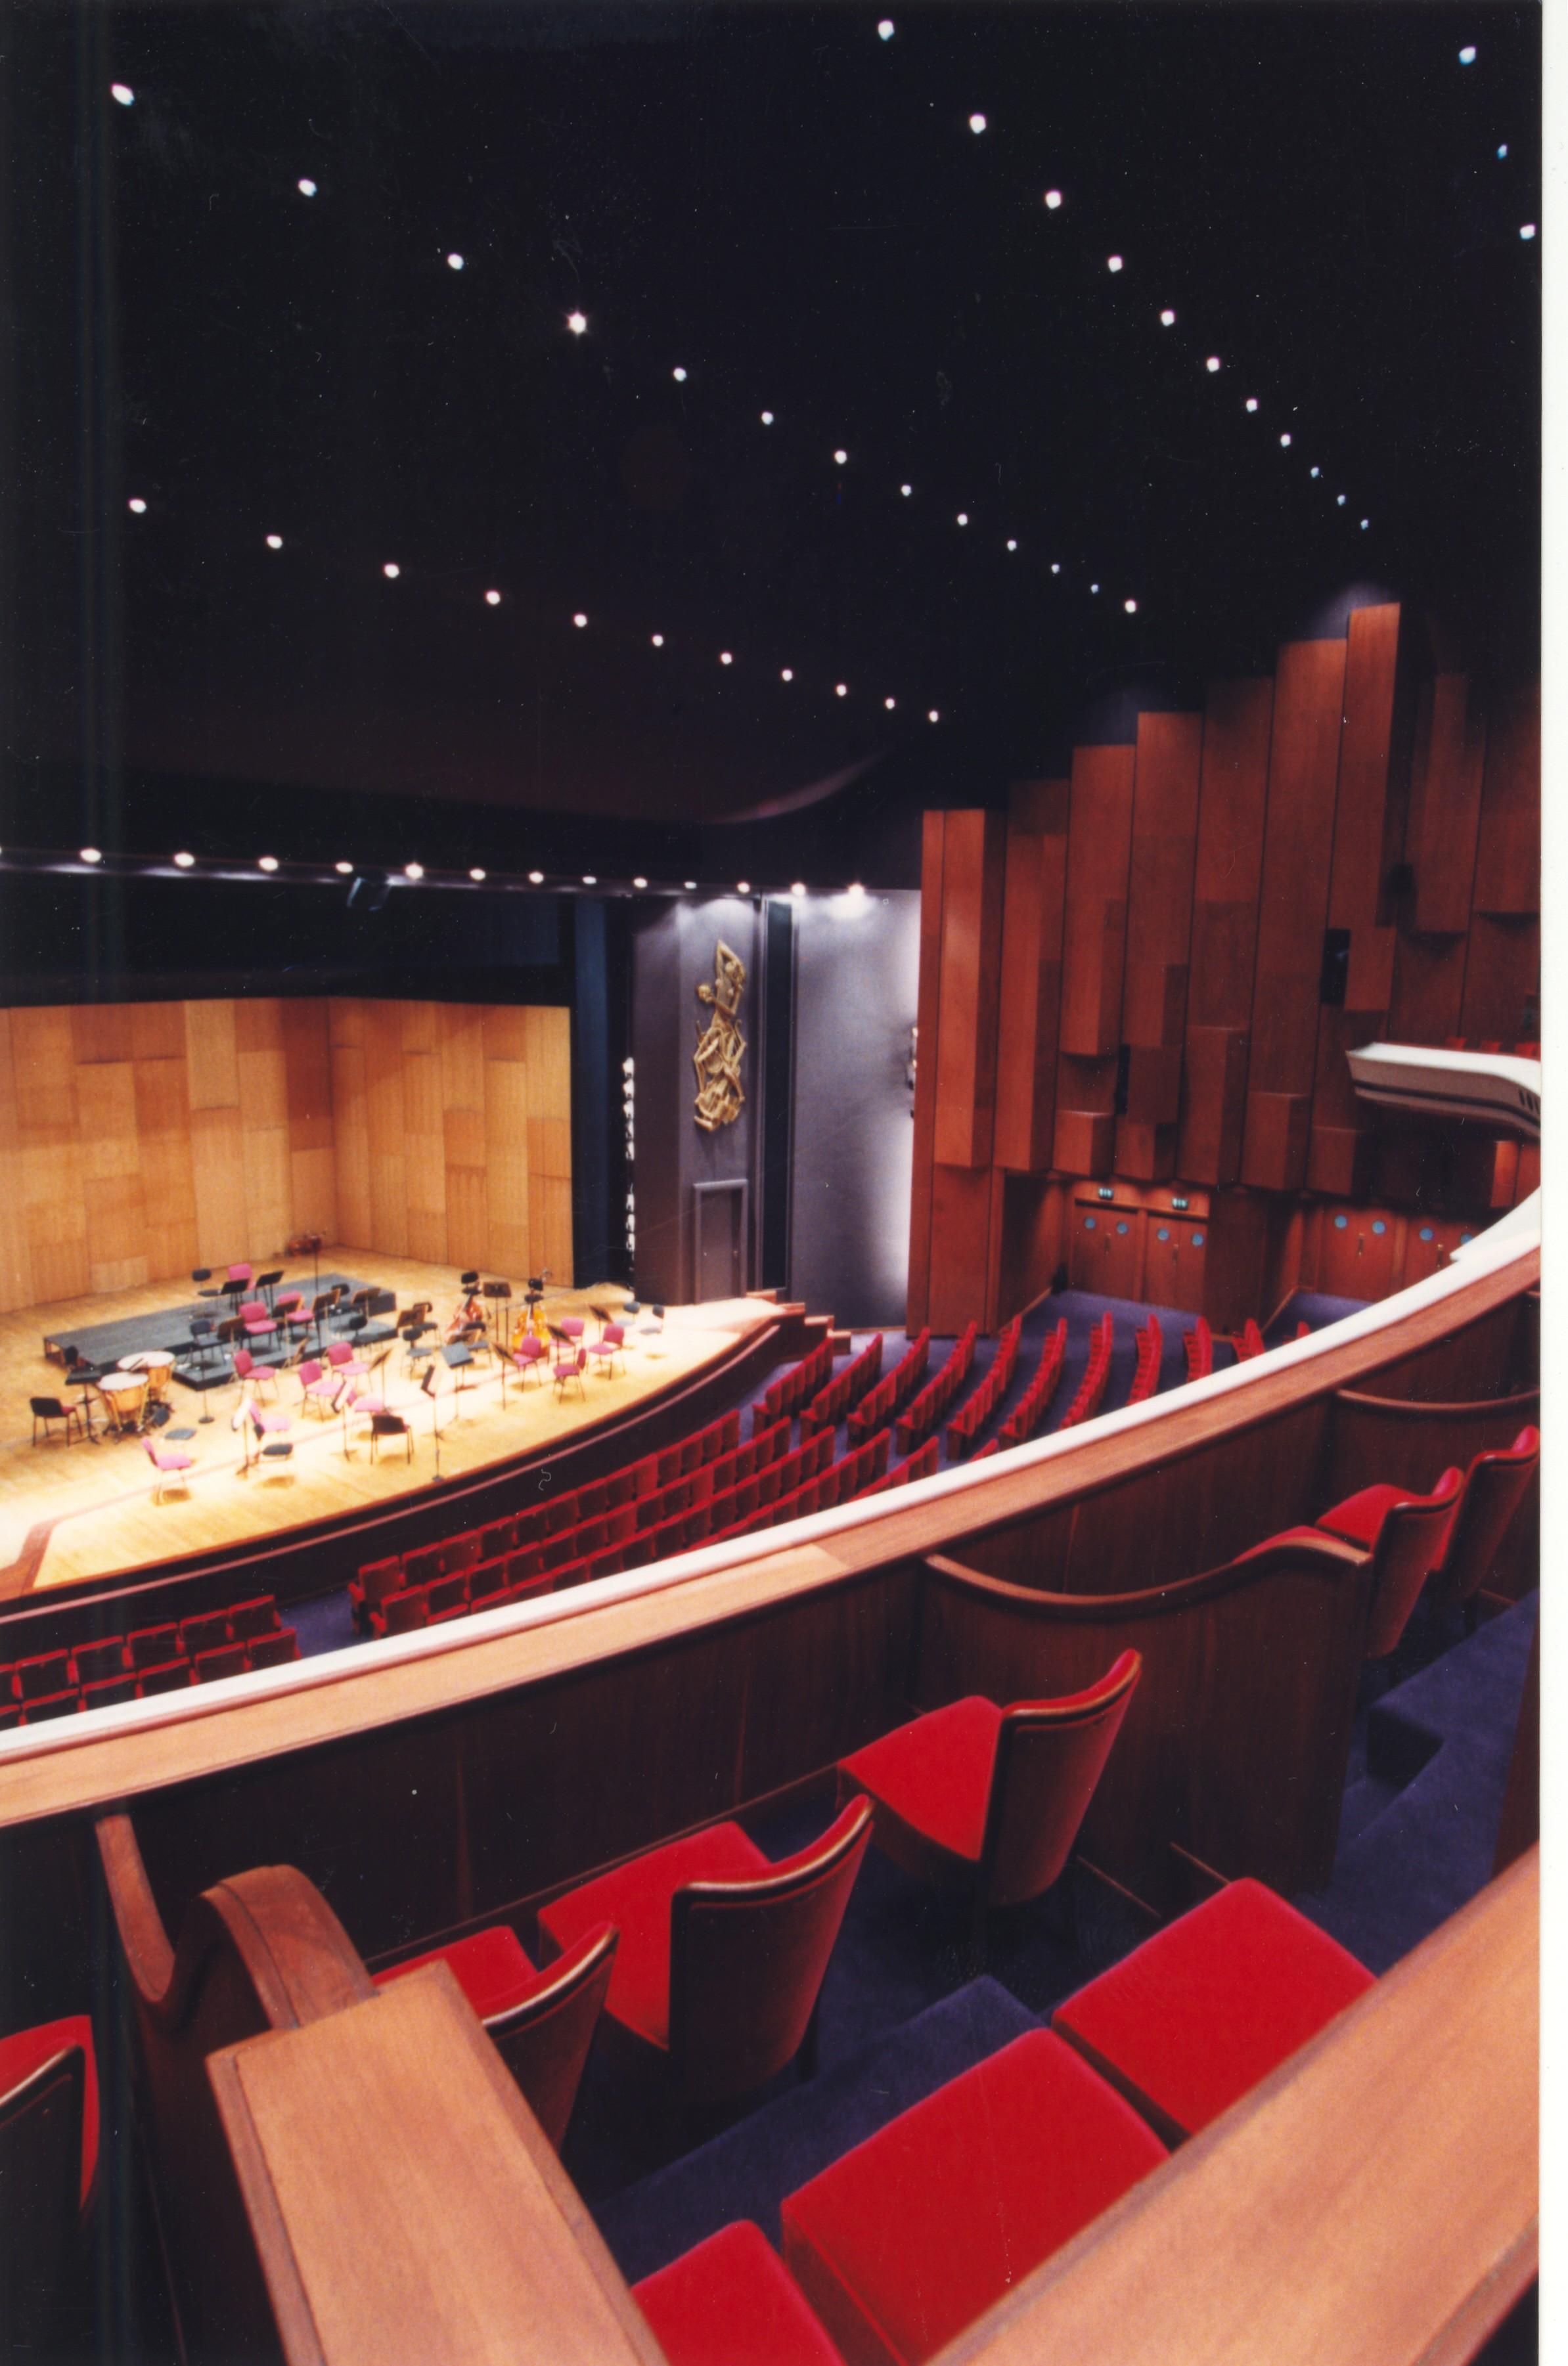 PBA Grande salle concert de musique classique